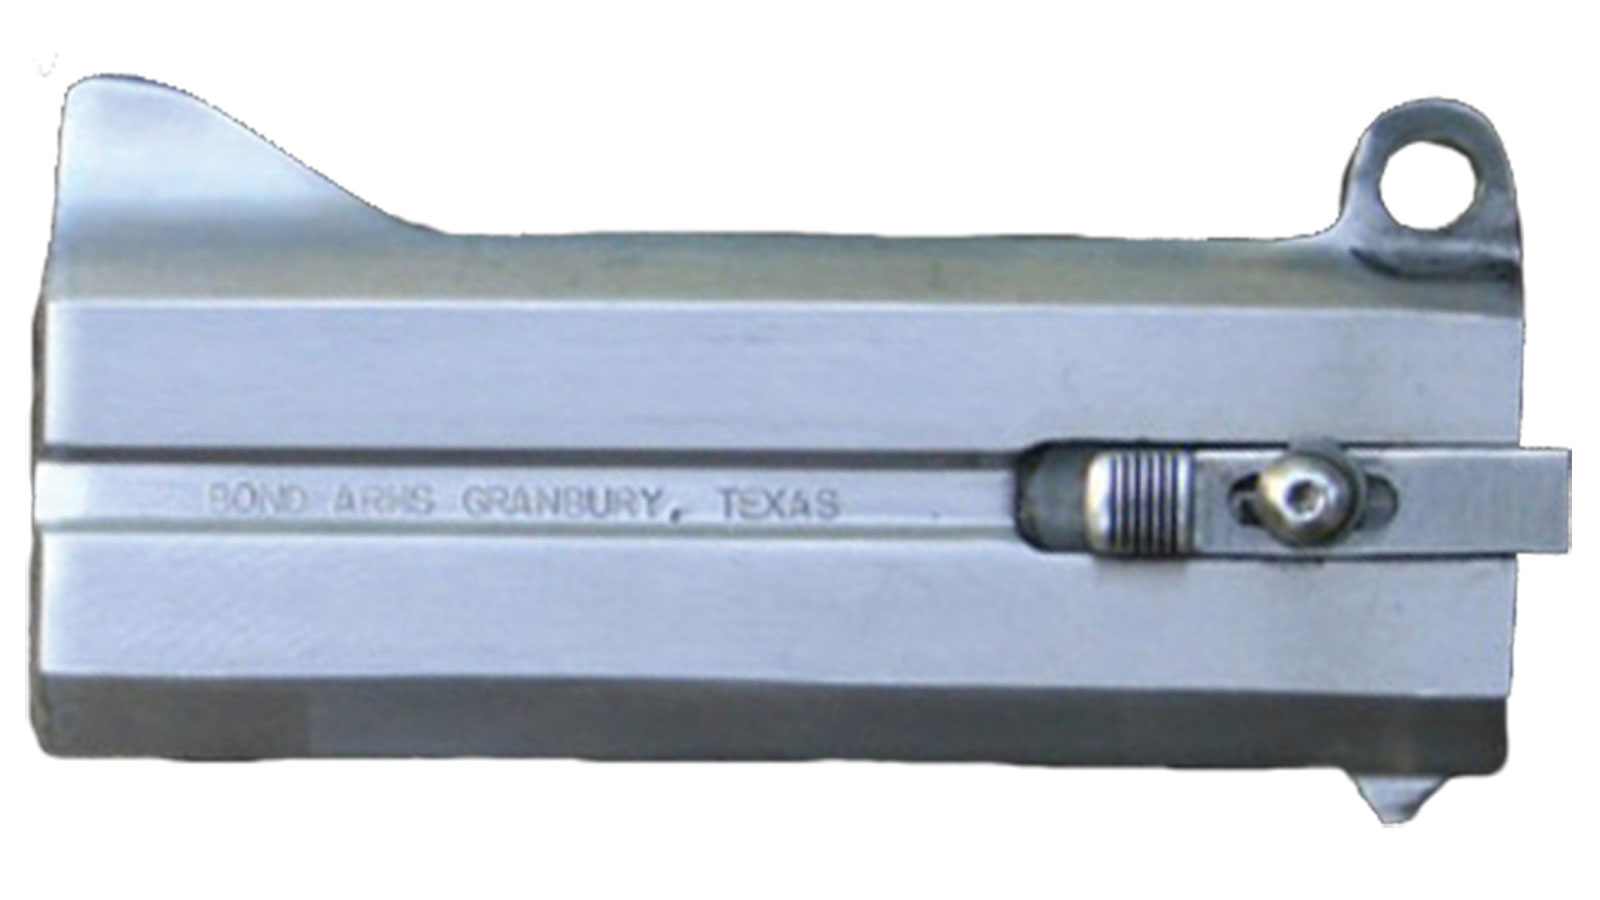 Bond Arms Defender Barrel 3 inch 357MAG